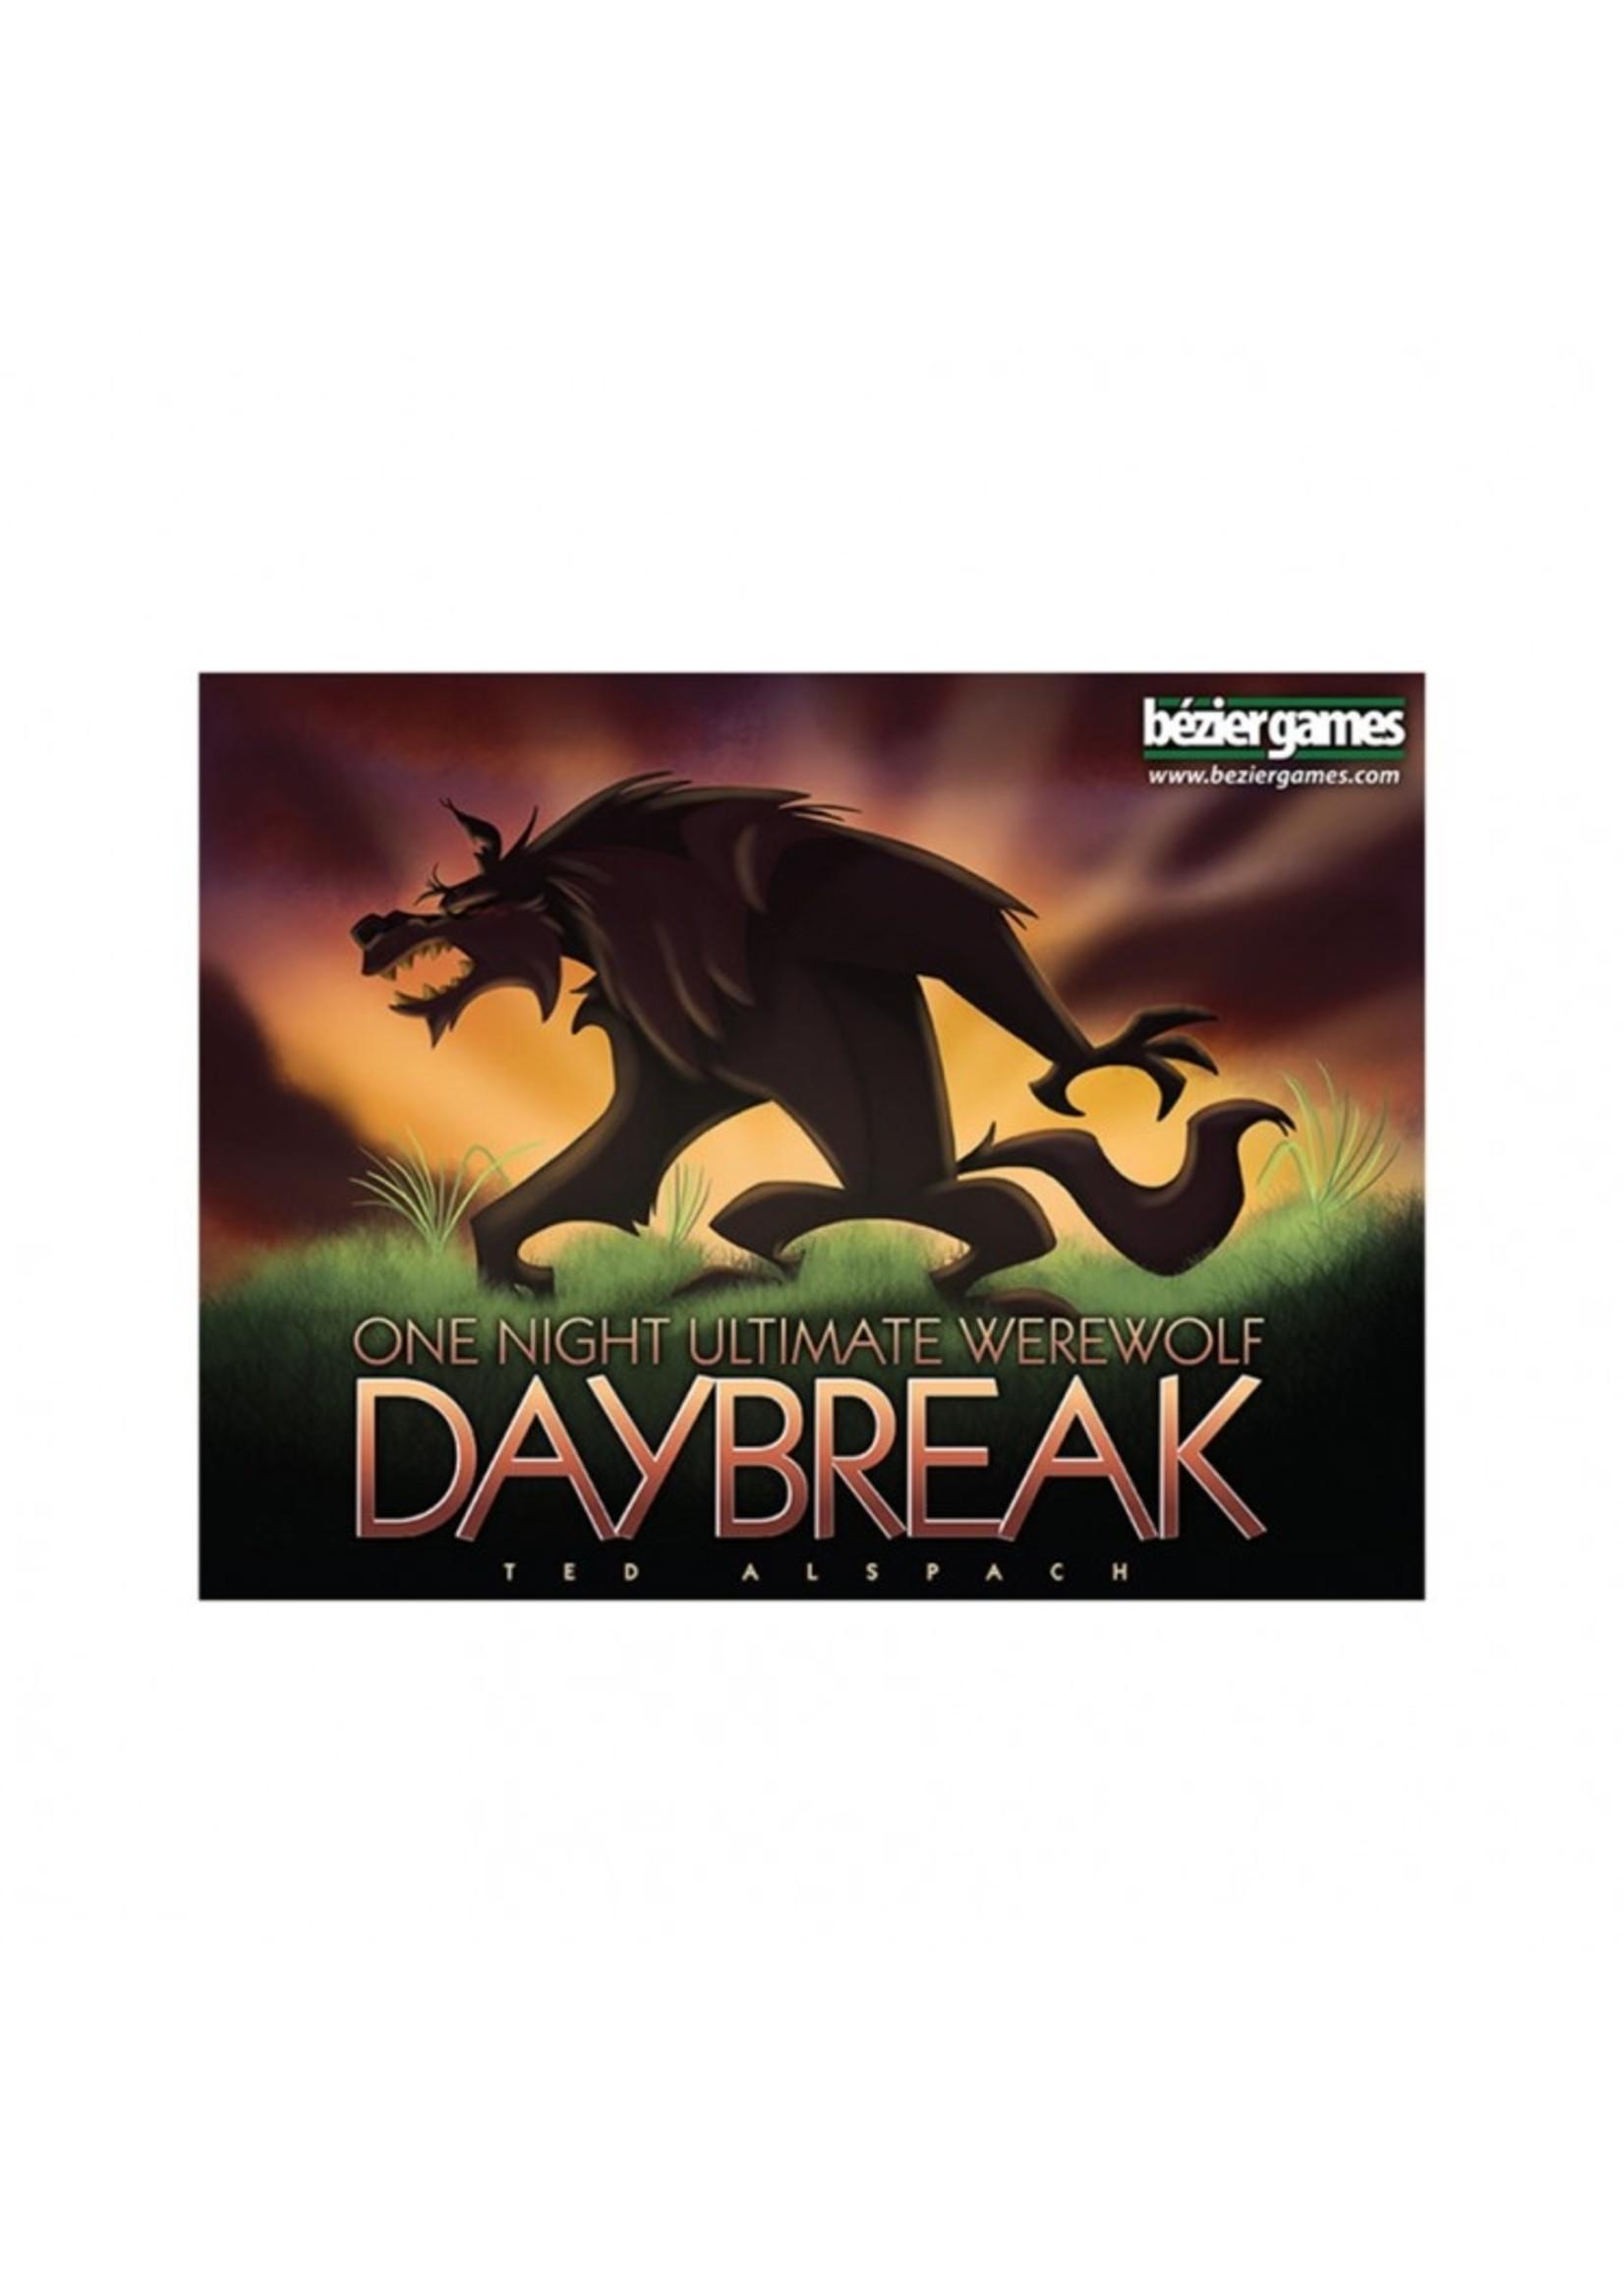 Ultimate Werewolf Daybreak